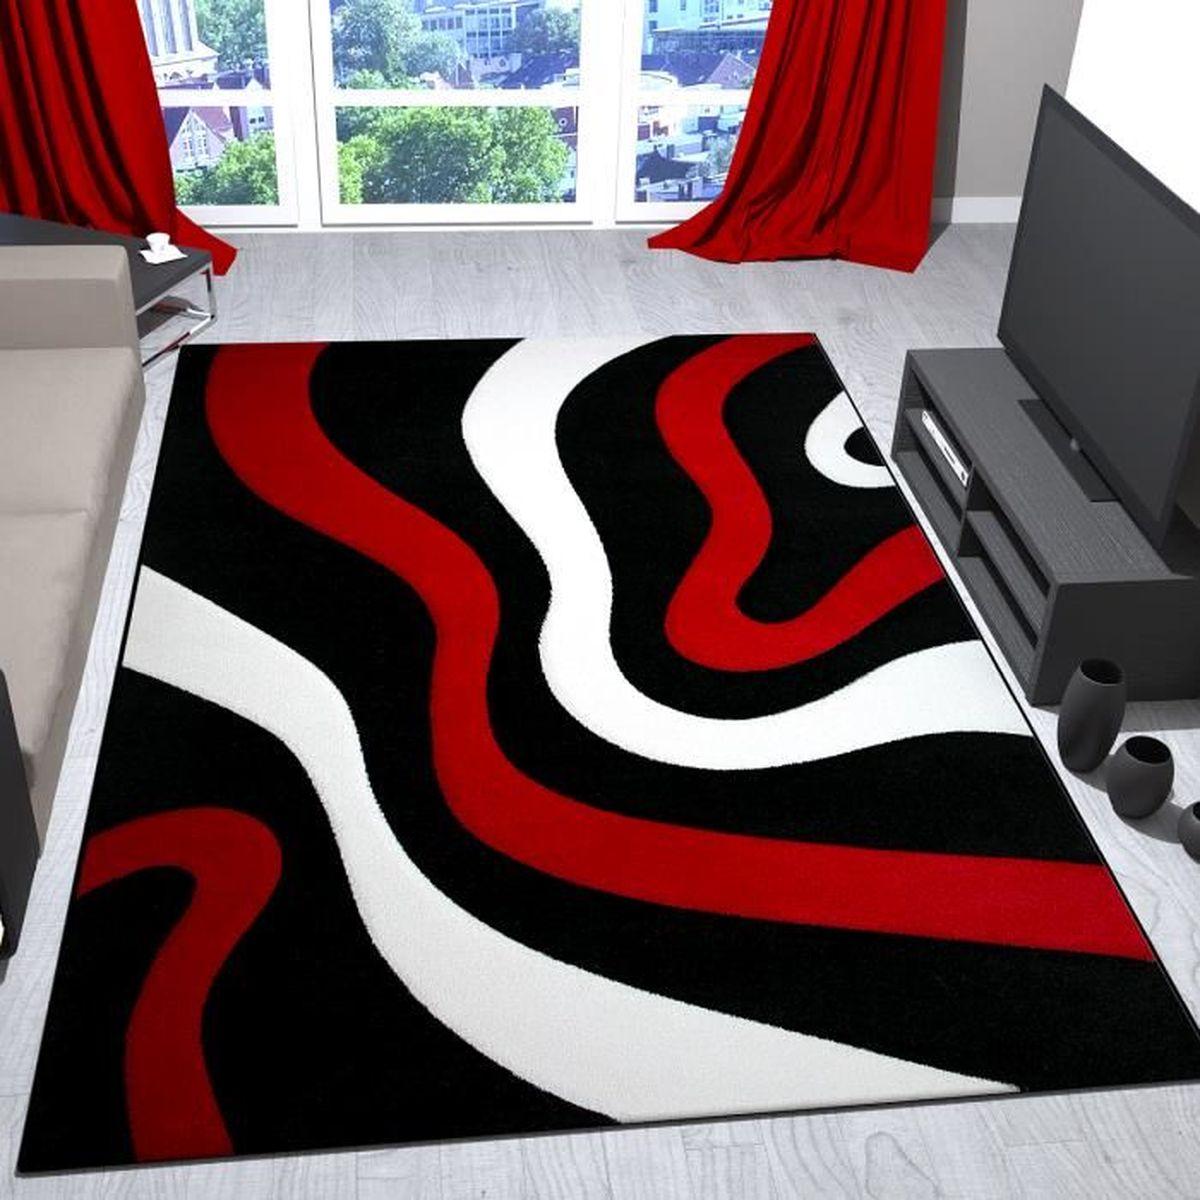 Salon Rouge Blanc Noir tapis de salon rouge, noir et blanc avec vagues design - vimoda, 80x150 cm